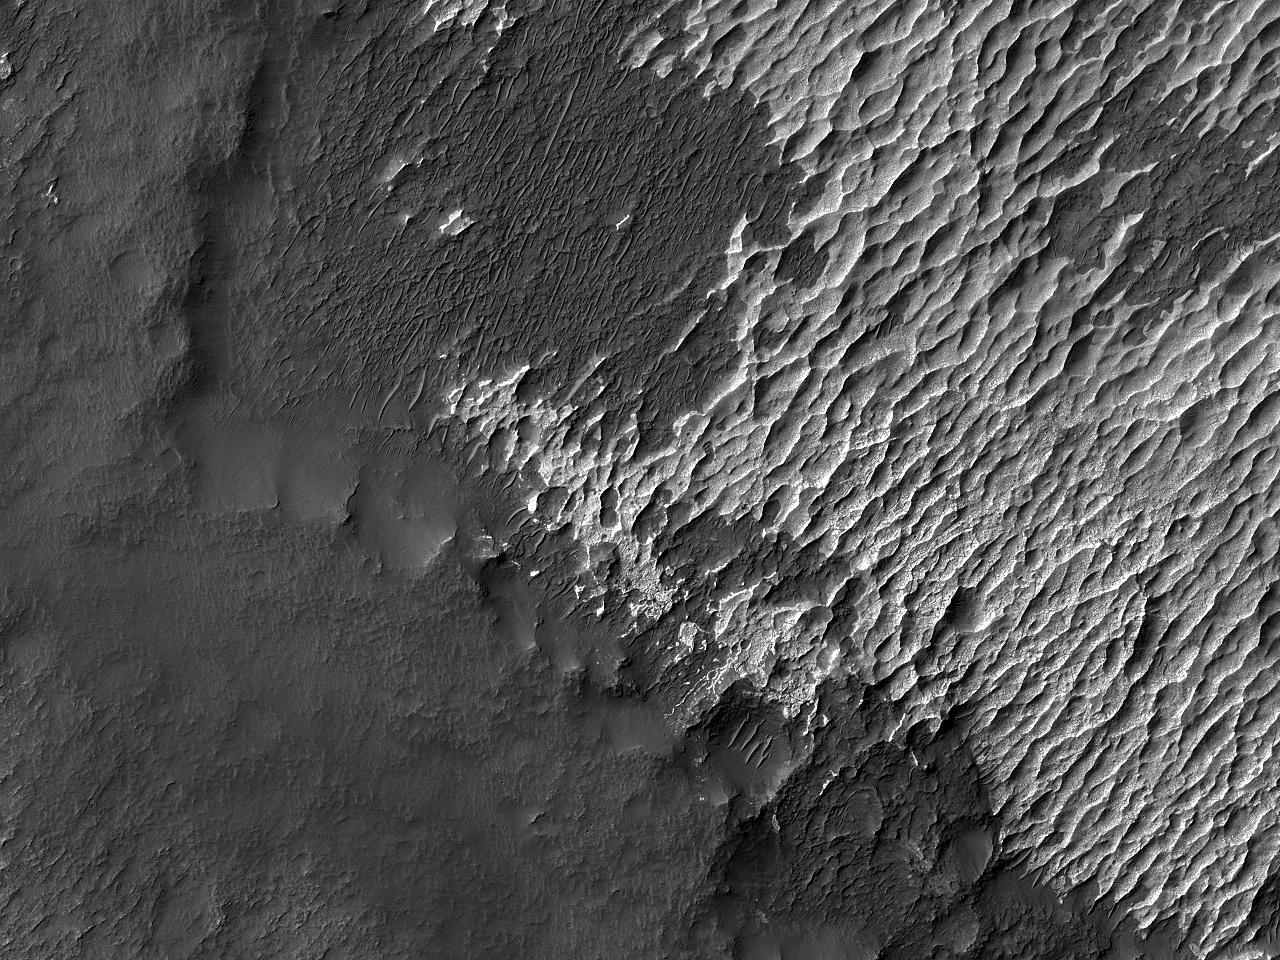 Cloruri și dune vechi în Terra Sirenium